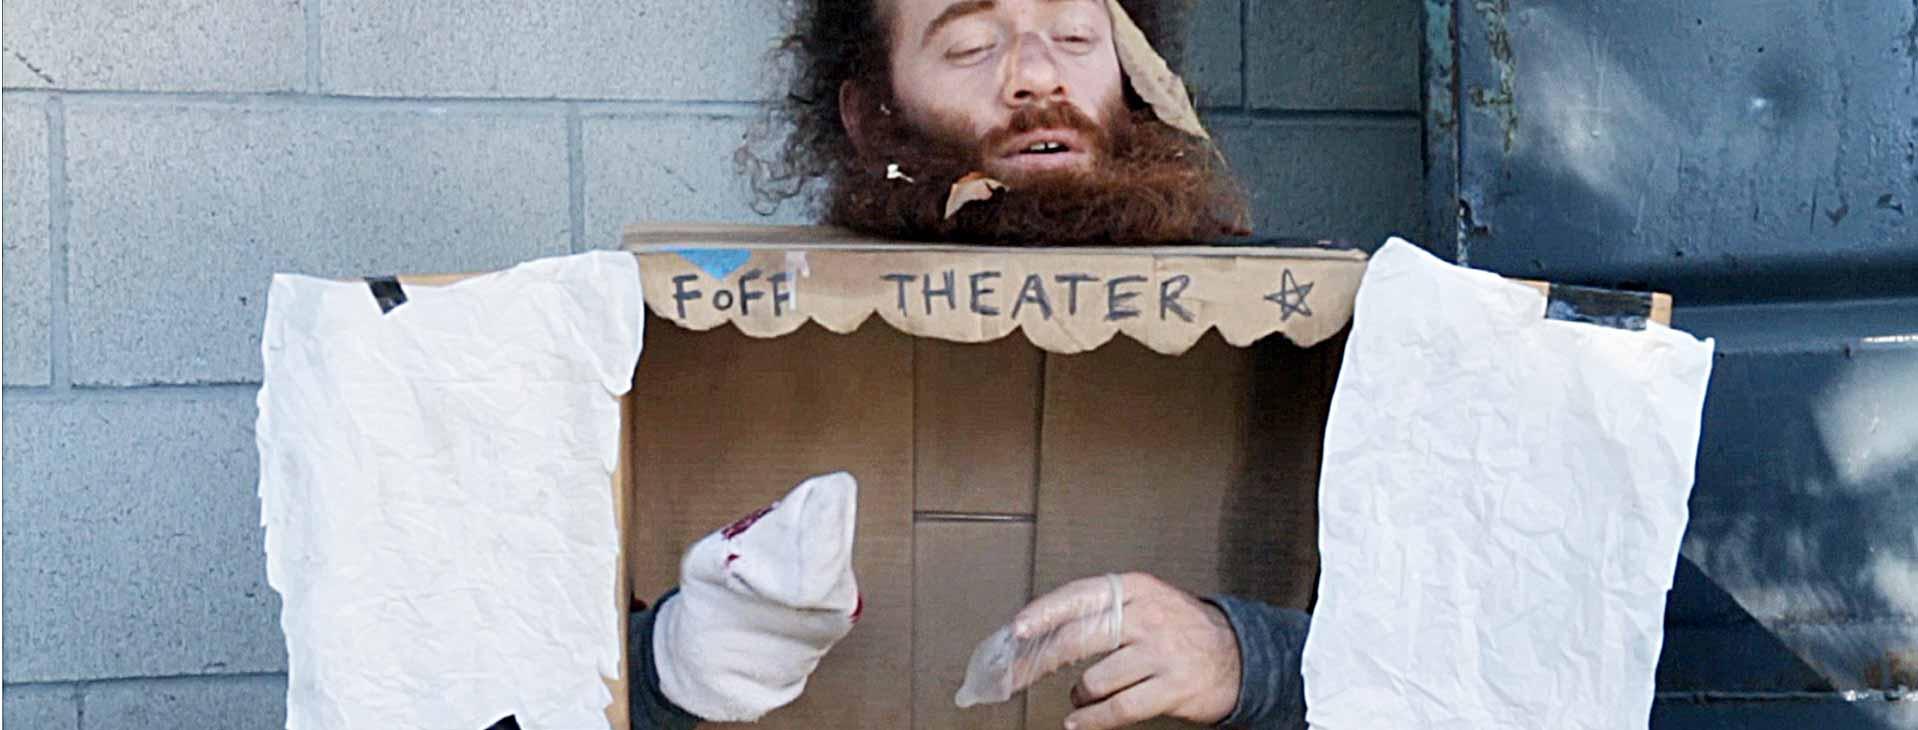 Foff-TV-Theater-bum-condom.jpg